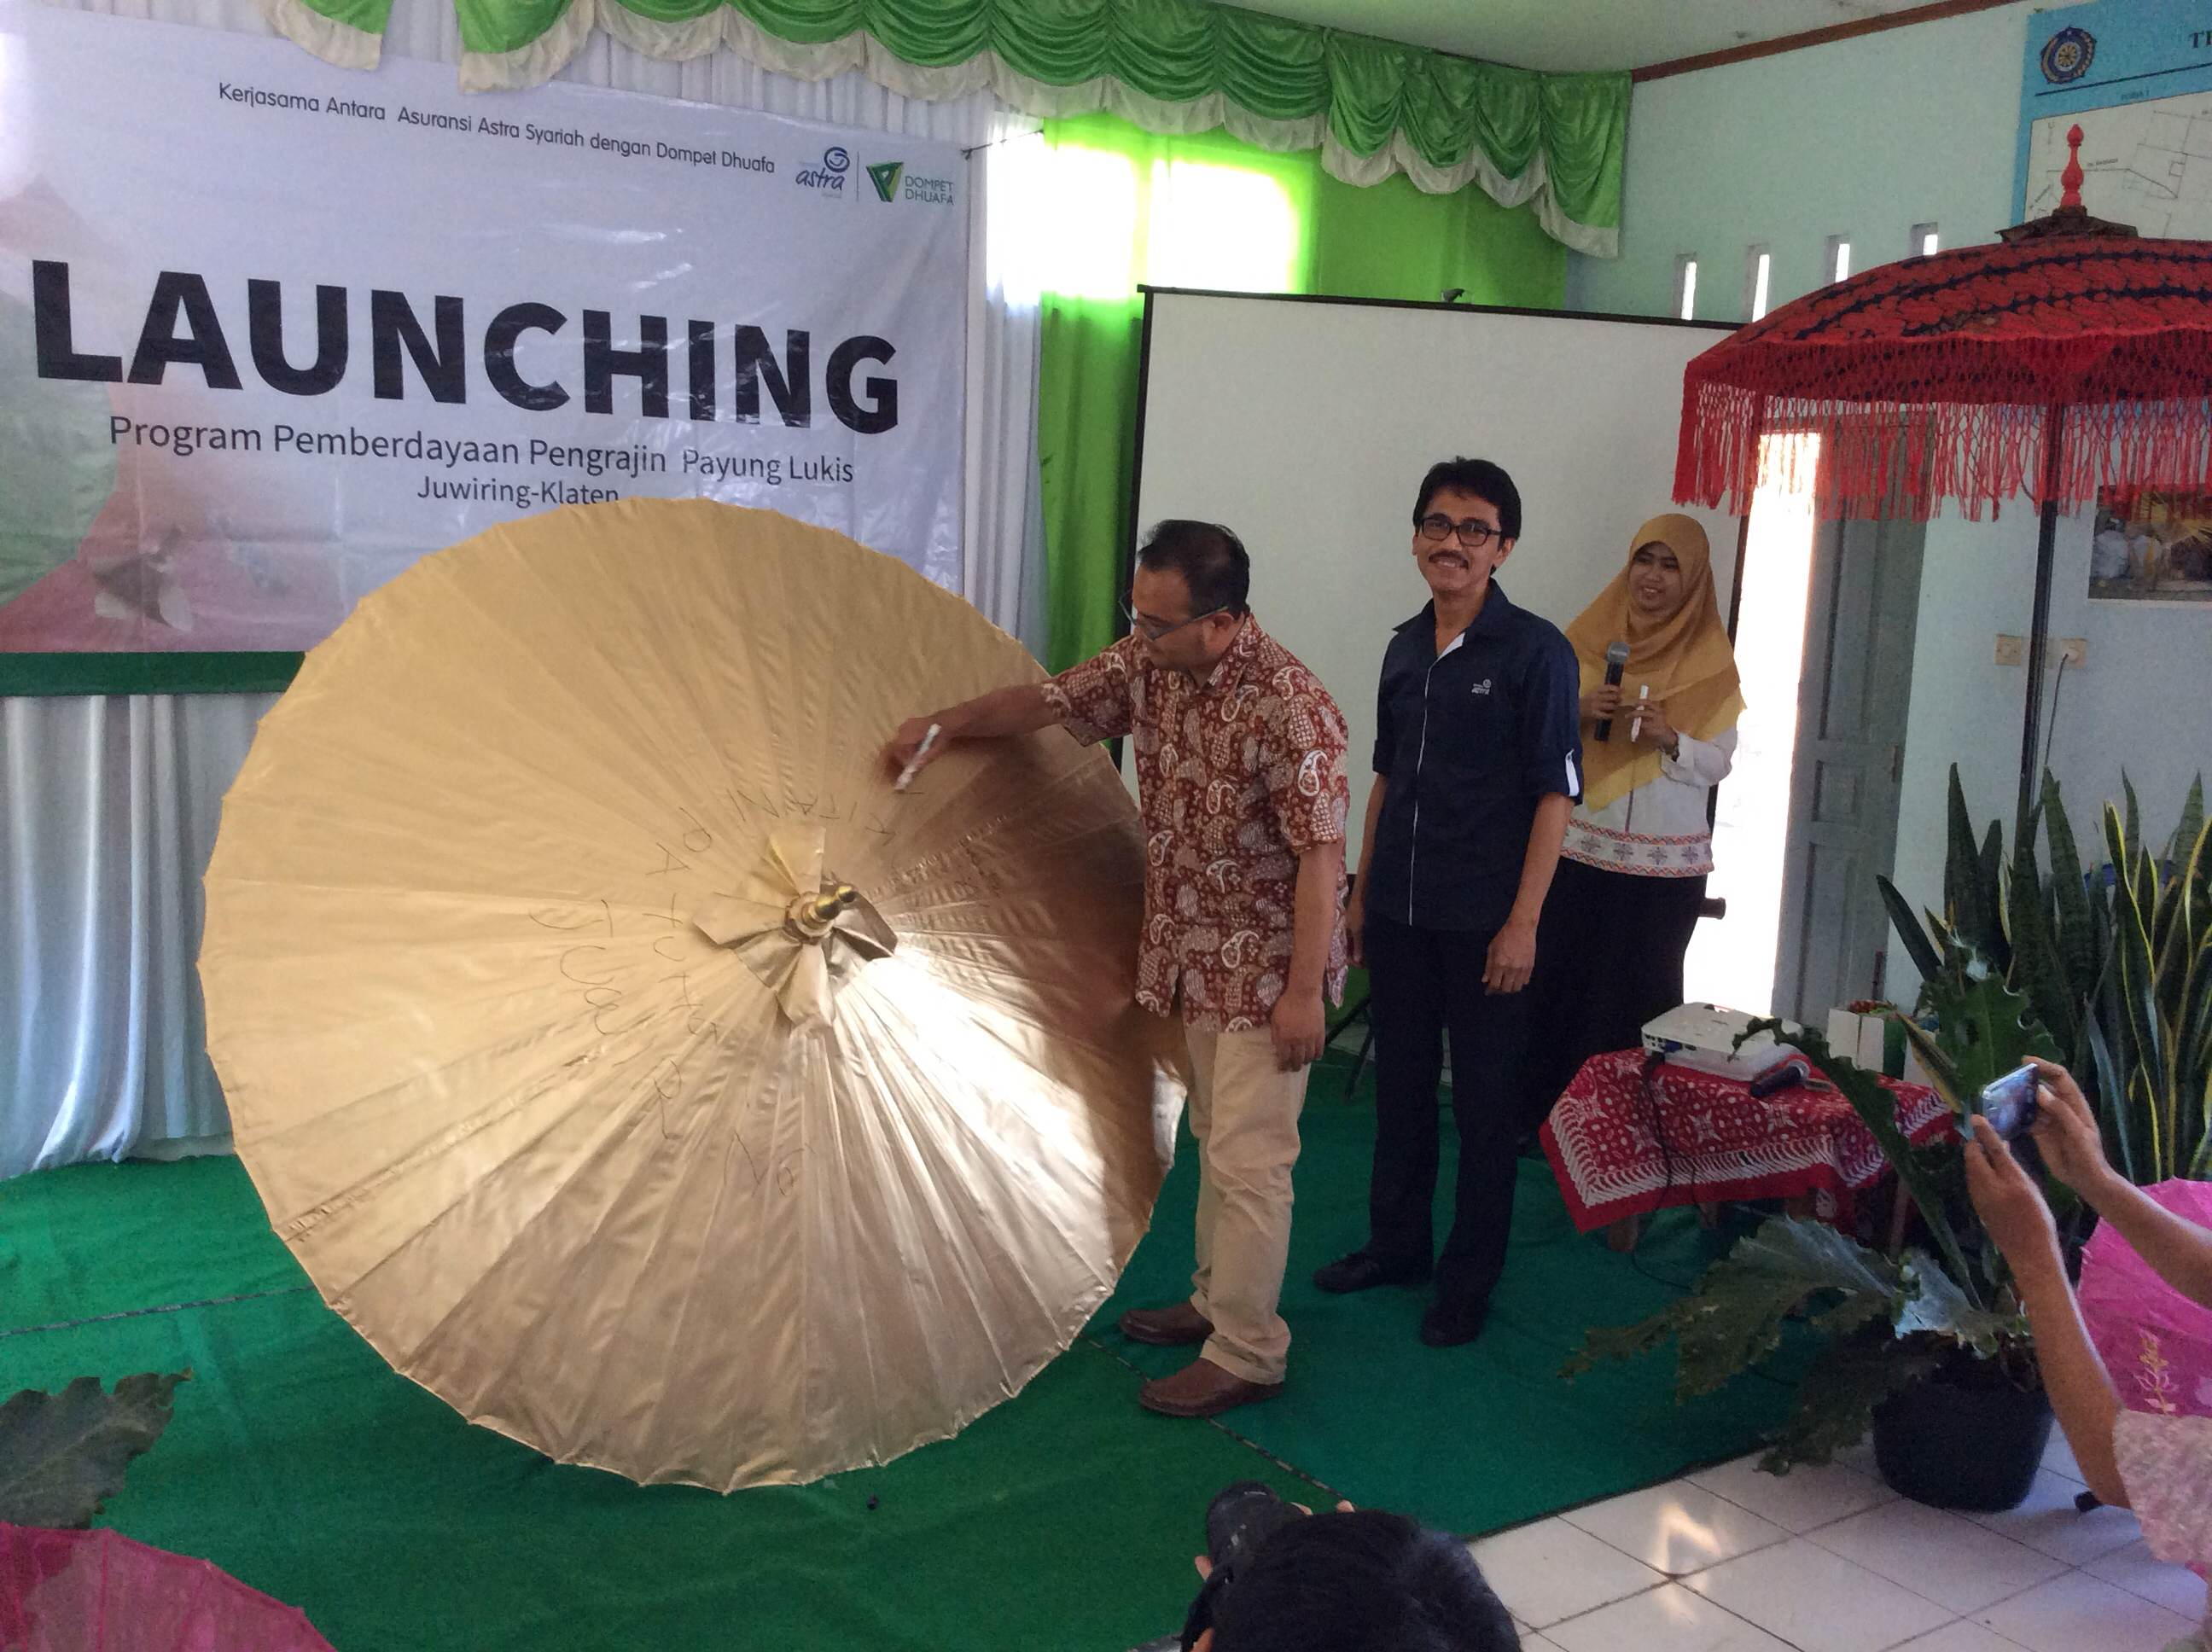 Asuransi Astra Syariah baru saja meluncurkan Program Pemberdayaan Payung Lukis pada 15 September 2015 di Juwiring, Klaten, Jawa Tengah. Acara peluncuran ini merupakan kelanjutan dari kerjasama dengan Dompet Dhuafa dalam program pemberdayaan pelaku usaha mikro, khususnya bagi perajin payung lukis.